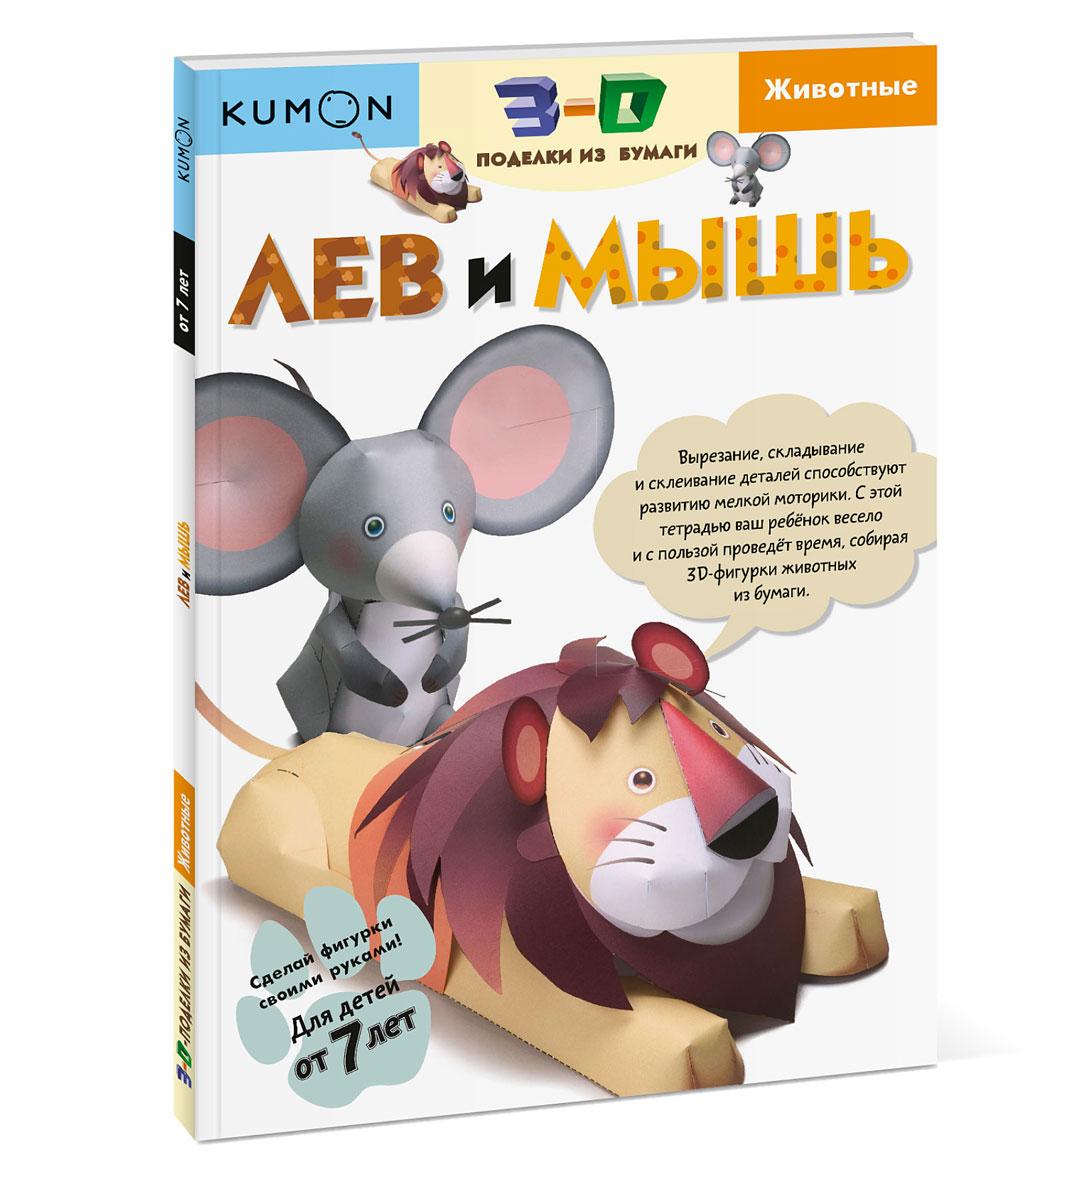 Фото Лев и мышь. Купить  в РФ